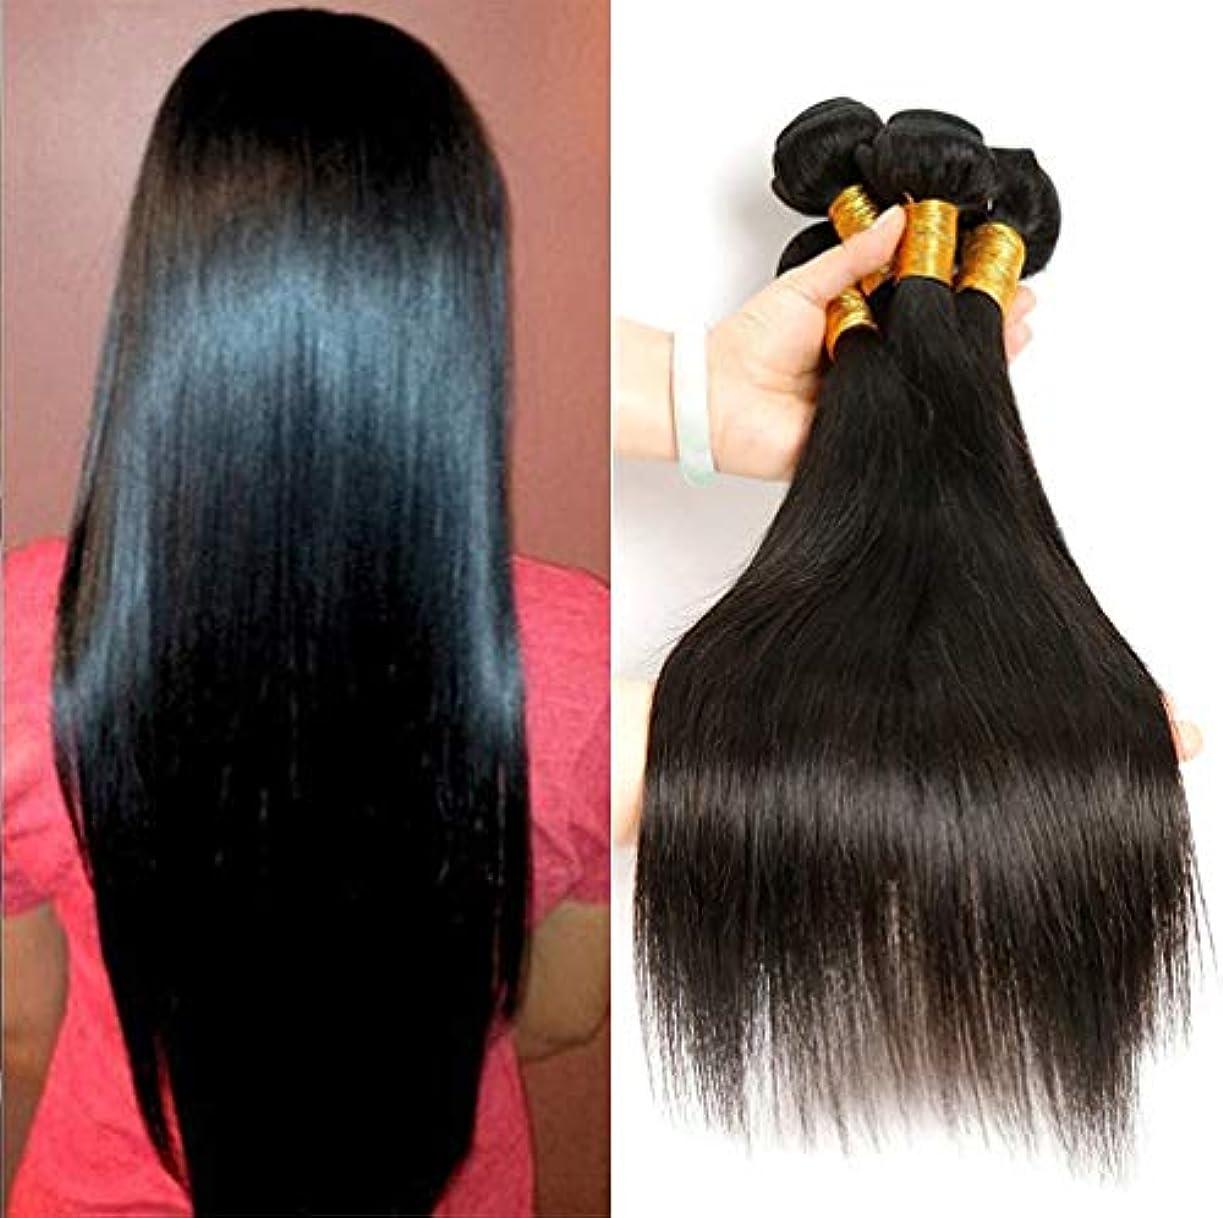 ウイルス電卓染色ブラジルのストレートヘアー女性の髪織り密度150%織り100%未処理のバージン人毛エクステンション